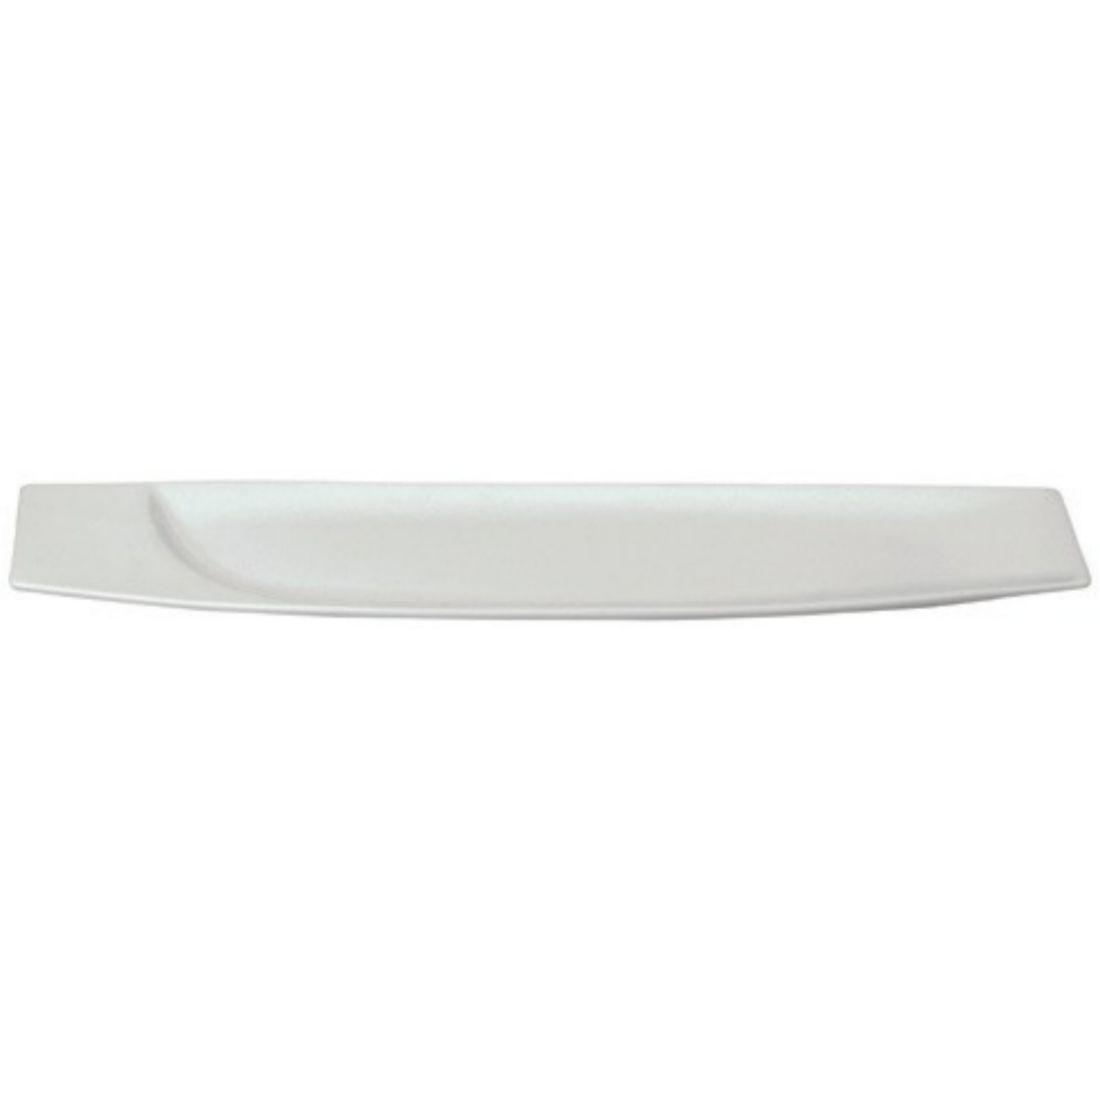 Mazza talíř obdélný 20 x 7,5 cm